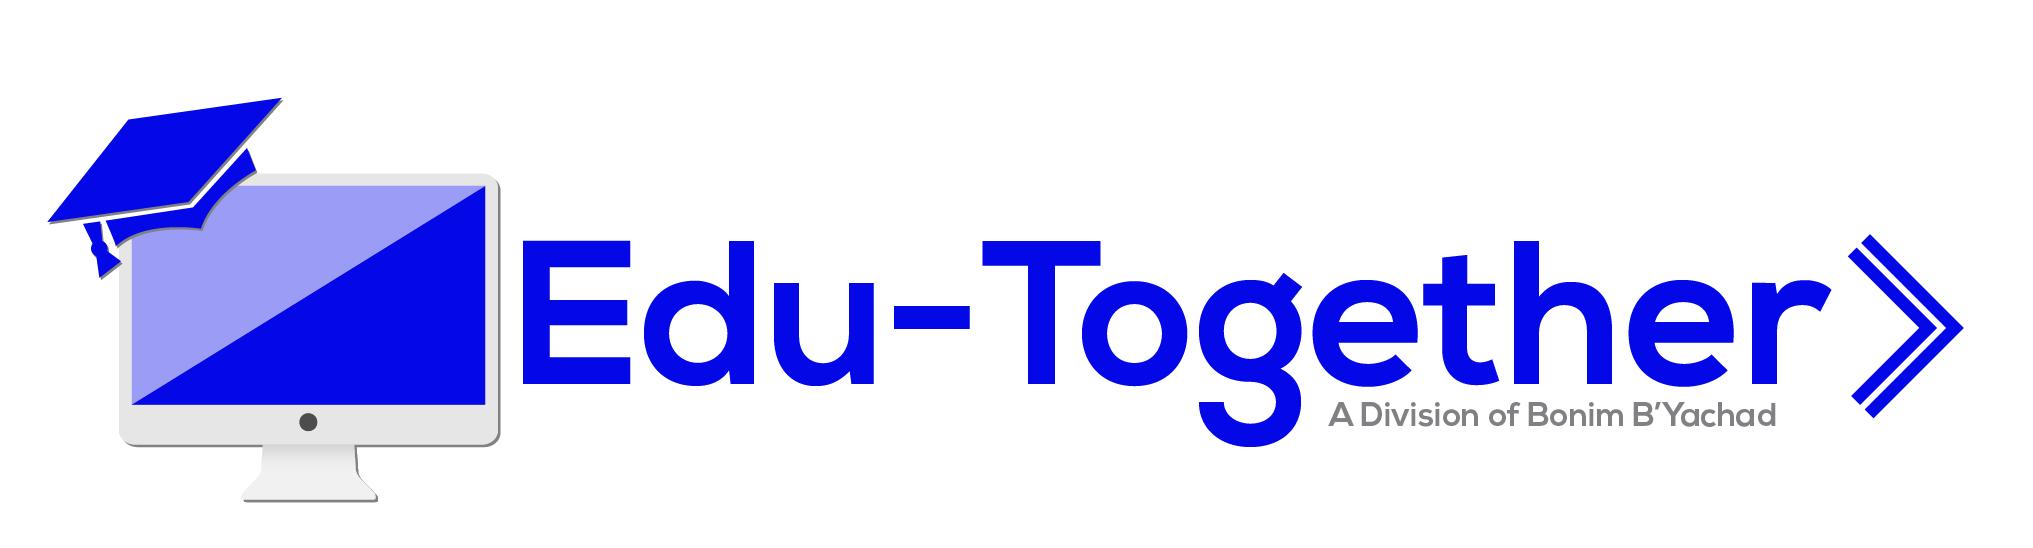 Edu-Together